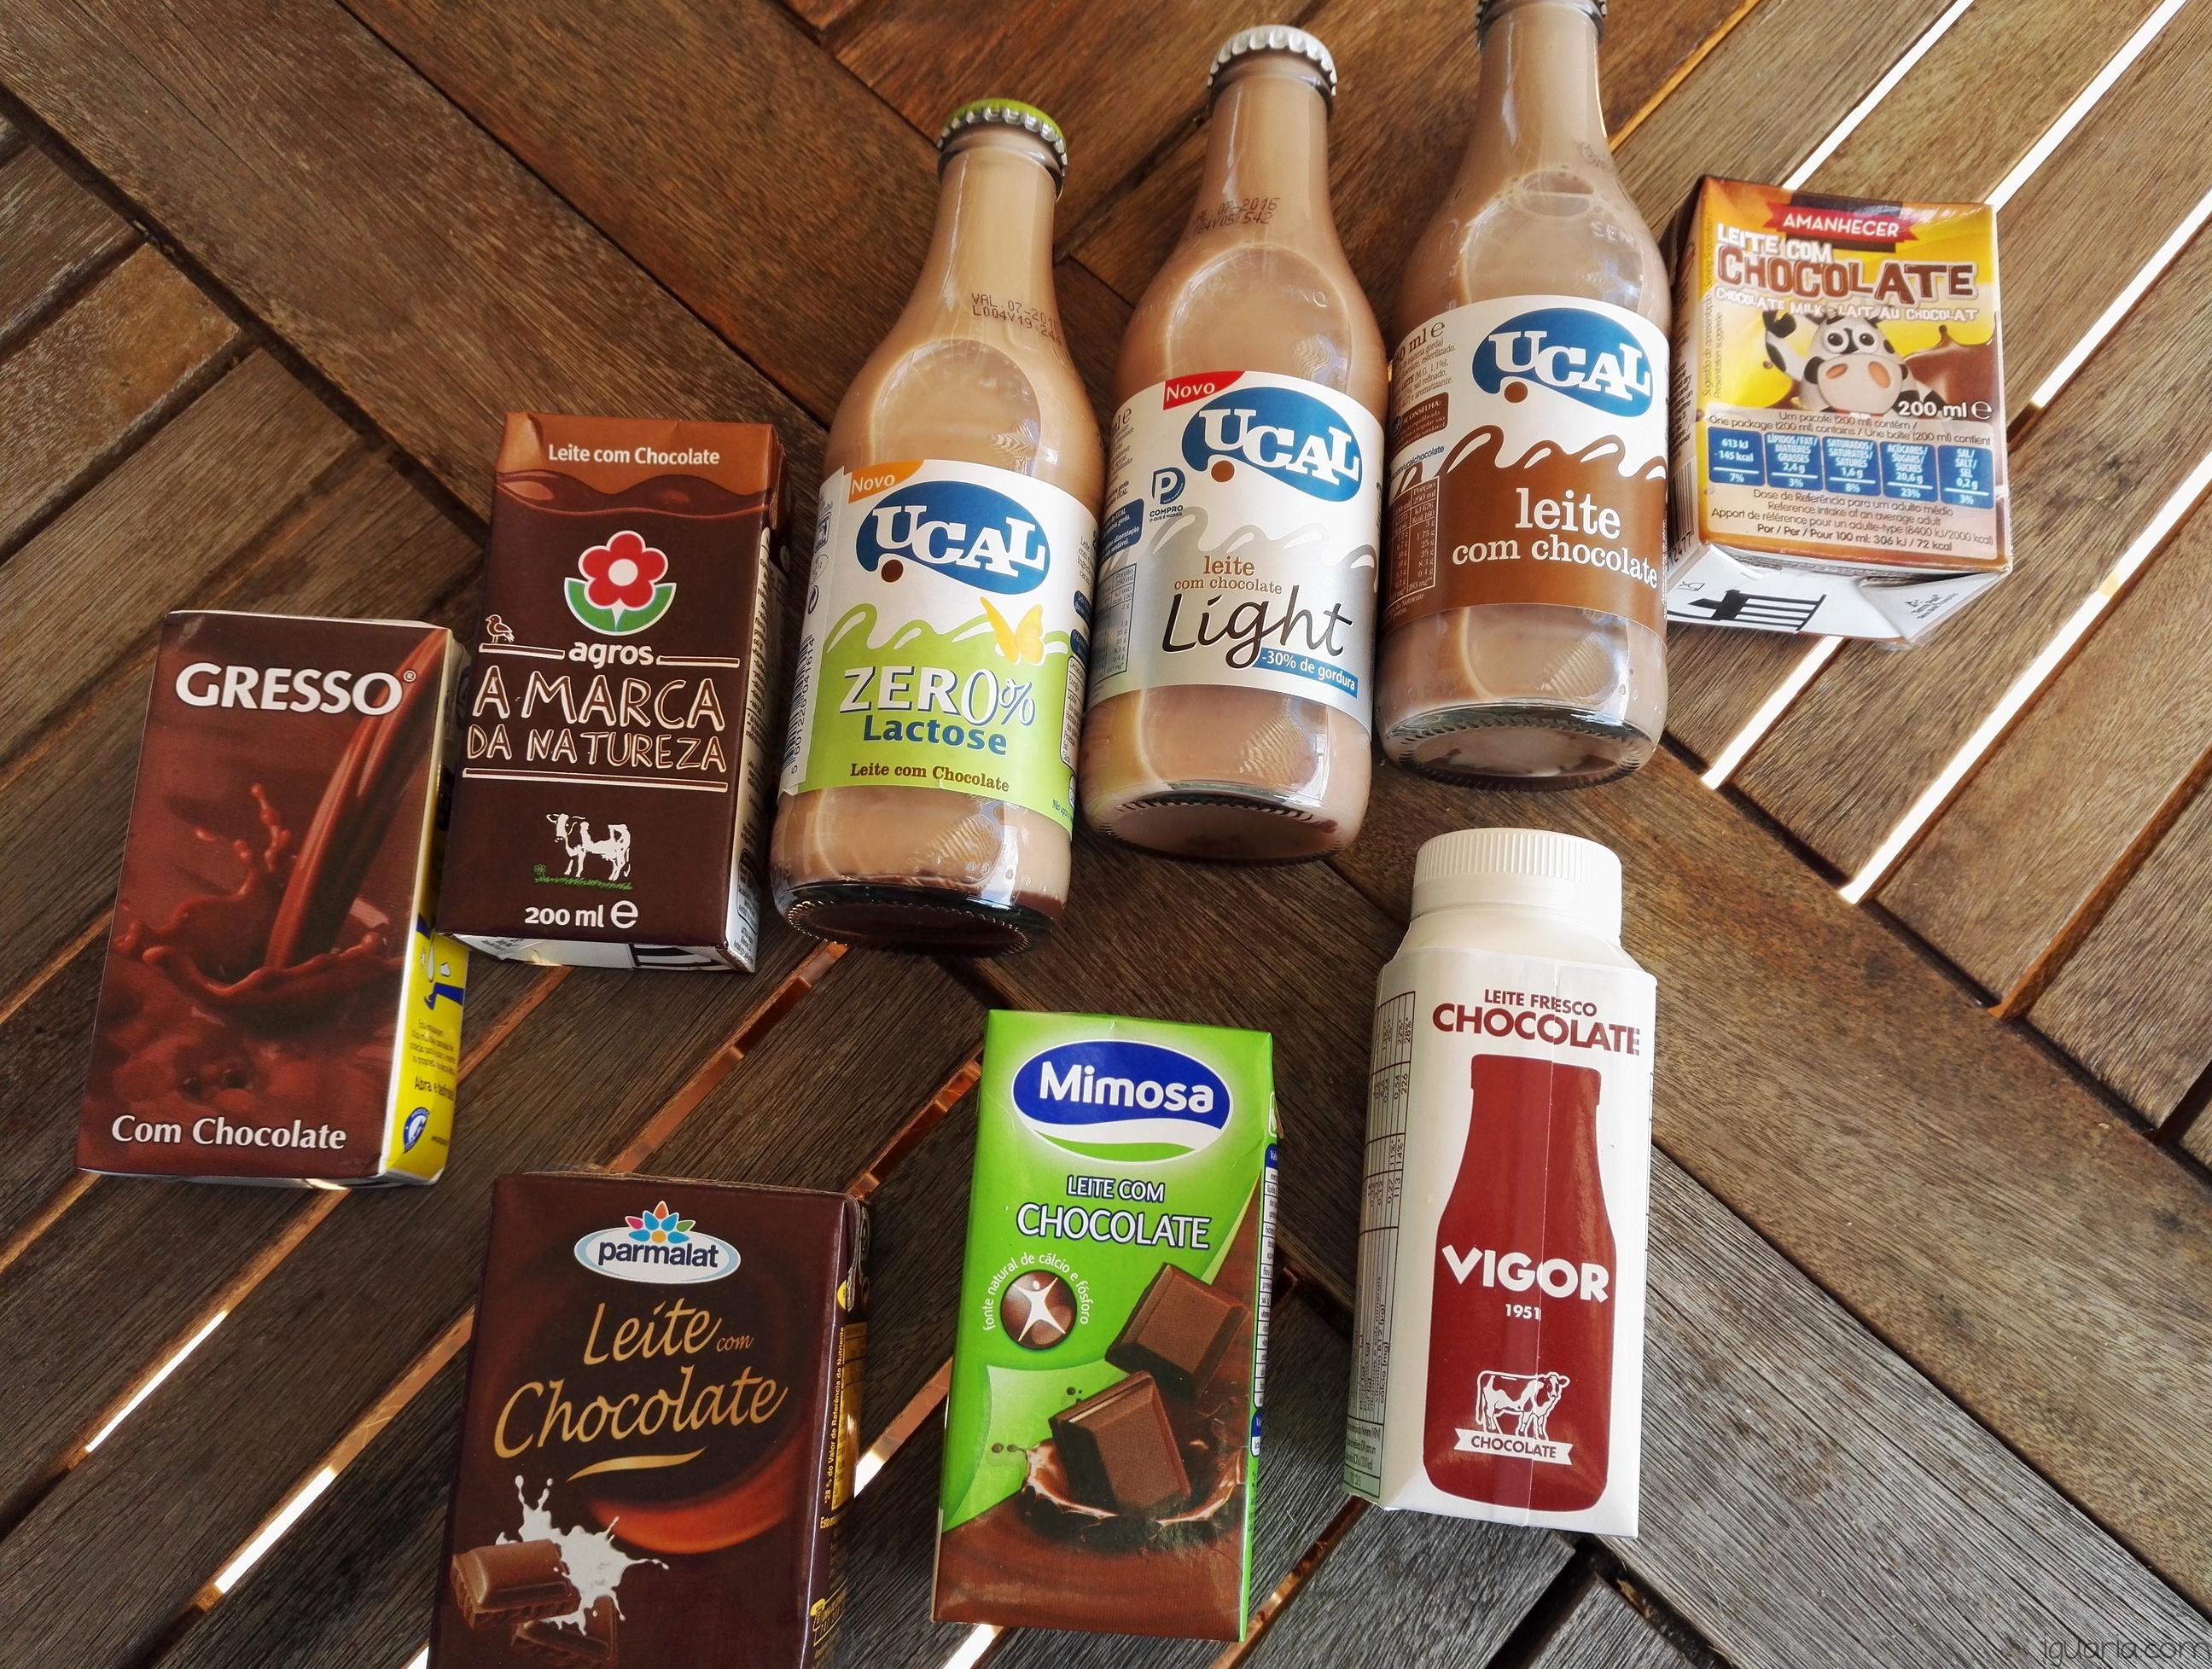 Iguaria_Comparativo-Leites-com-Chocolate-Portugal